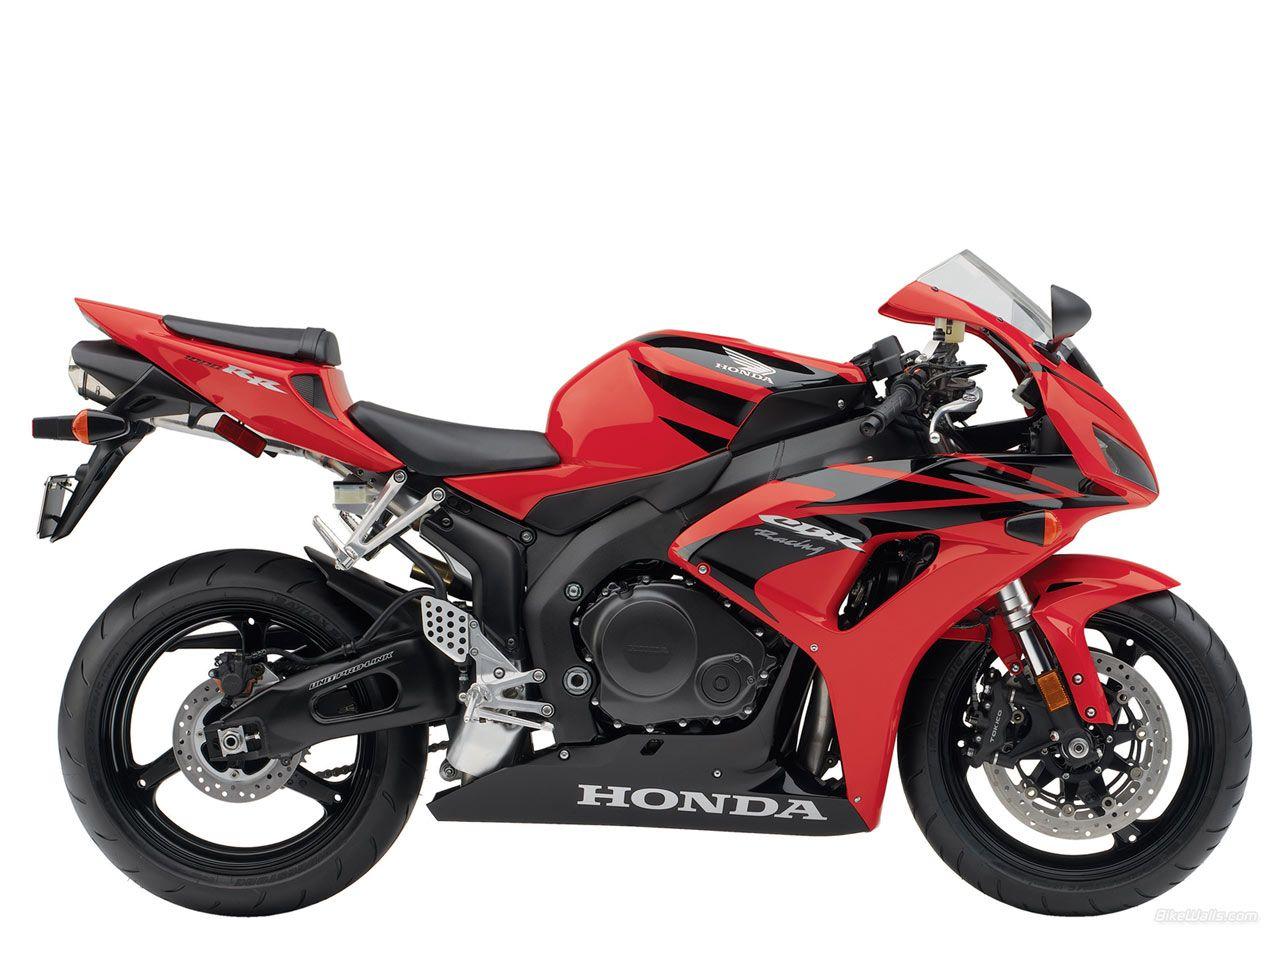 Honda CBR1000RR 1280 x 960 wallpaper